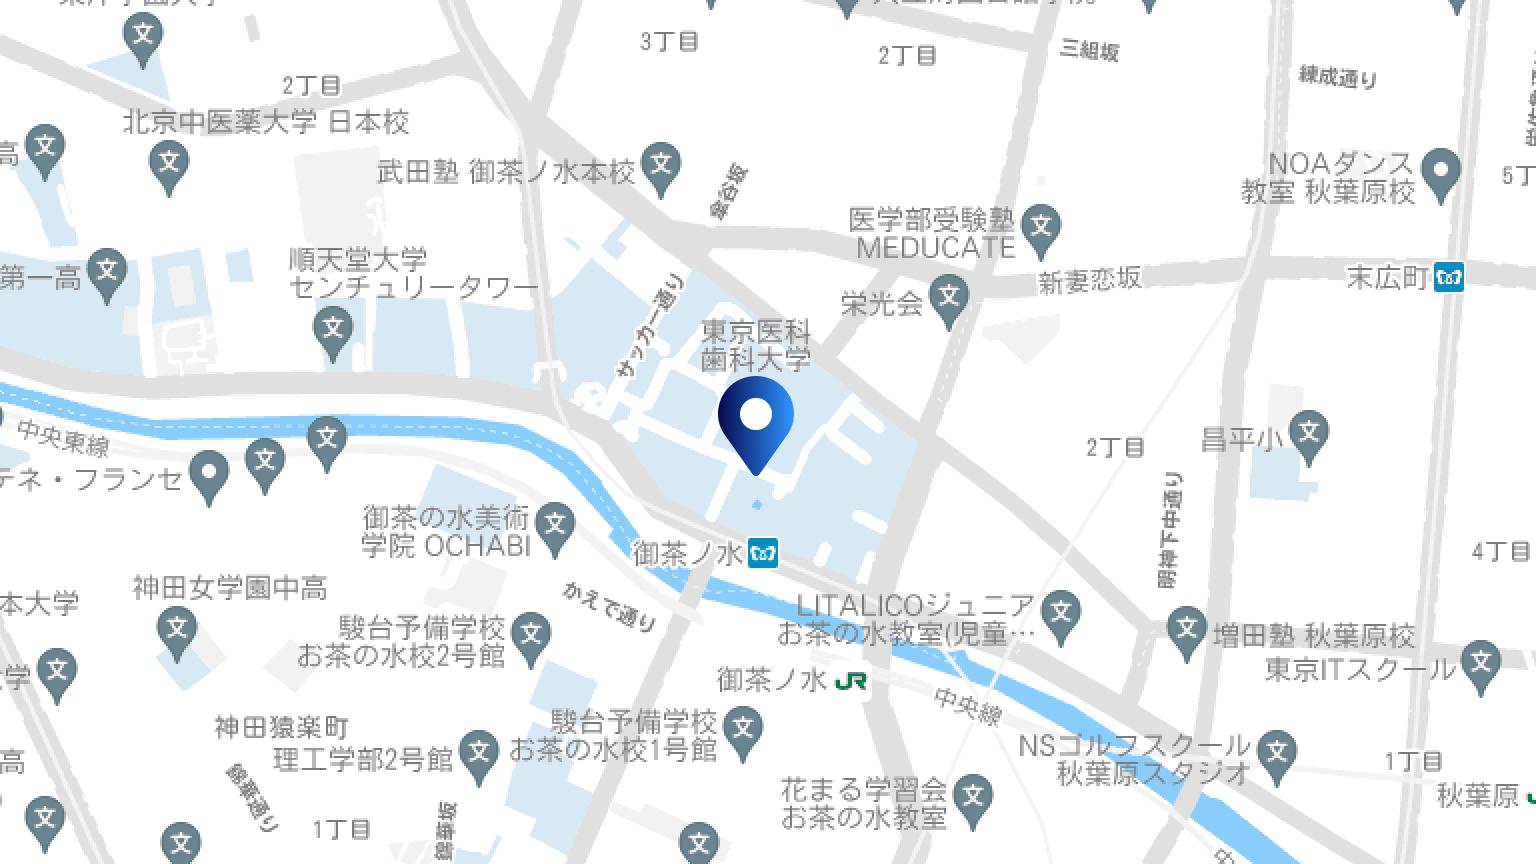 三菱地所と東京医科歯科大がイノベーション拠点 ―医療・ヘルスケア領域でエコシステム